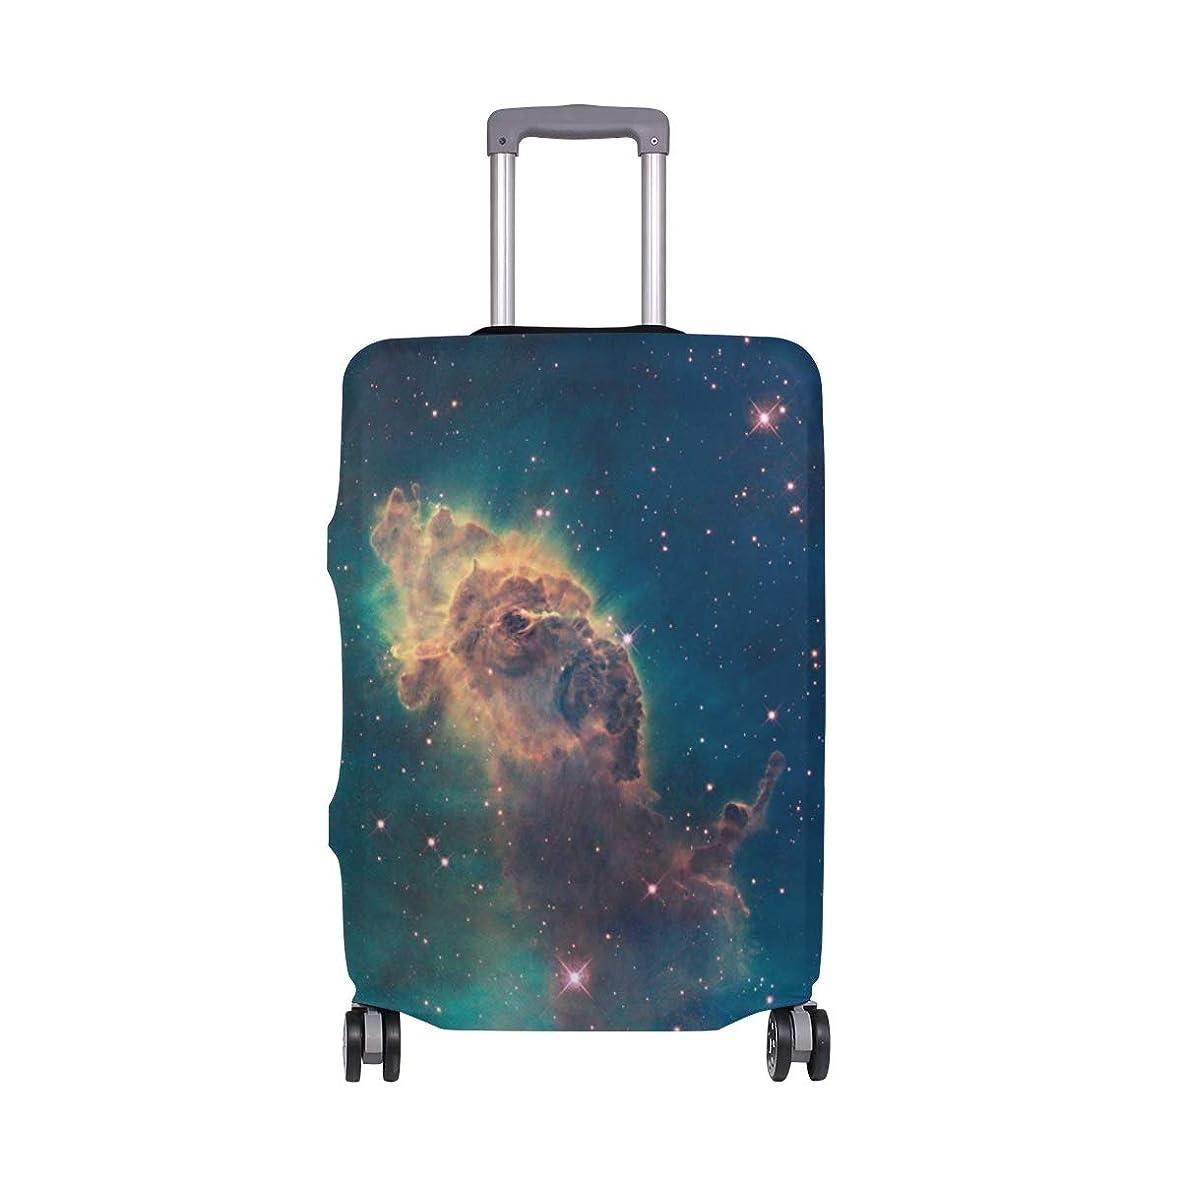 コーススペイン残酷スーツケースカバー 防水 目立つ柄 旅行 弾性設計 防塵 ラゲッジカバー キャリーカバー おしゃれ 人気 S M Lサイズ プレゼント (宇宙 星雲)